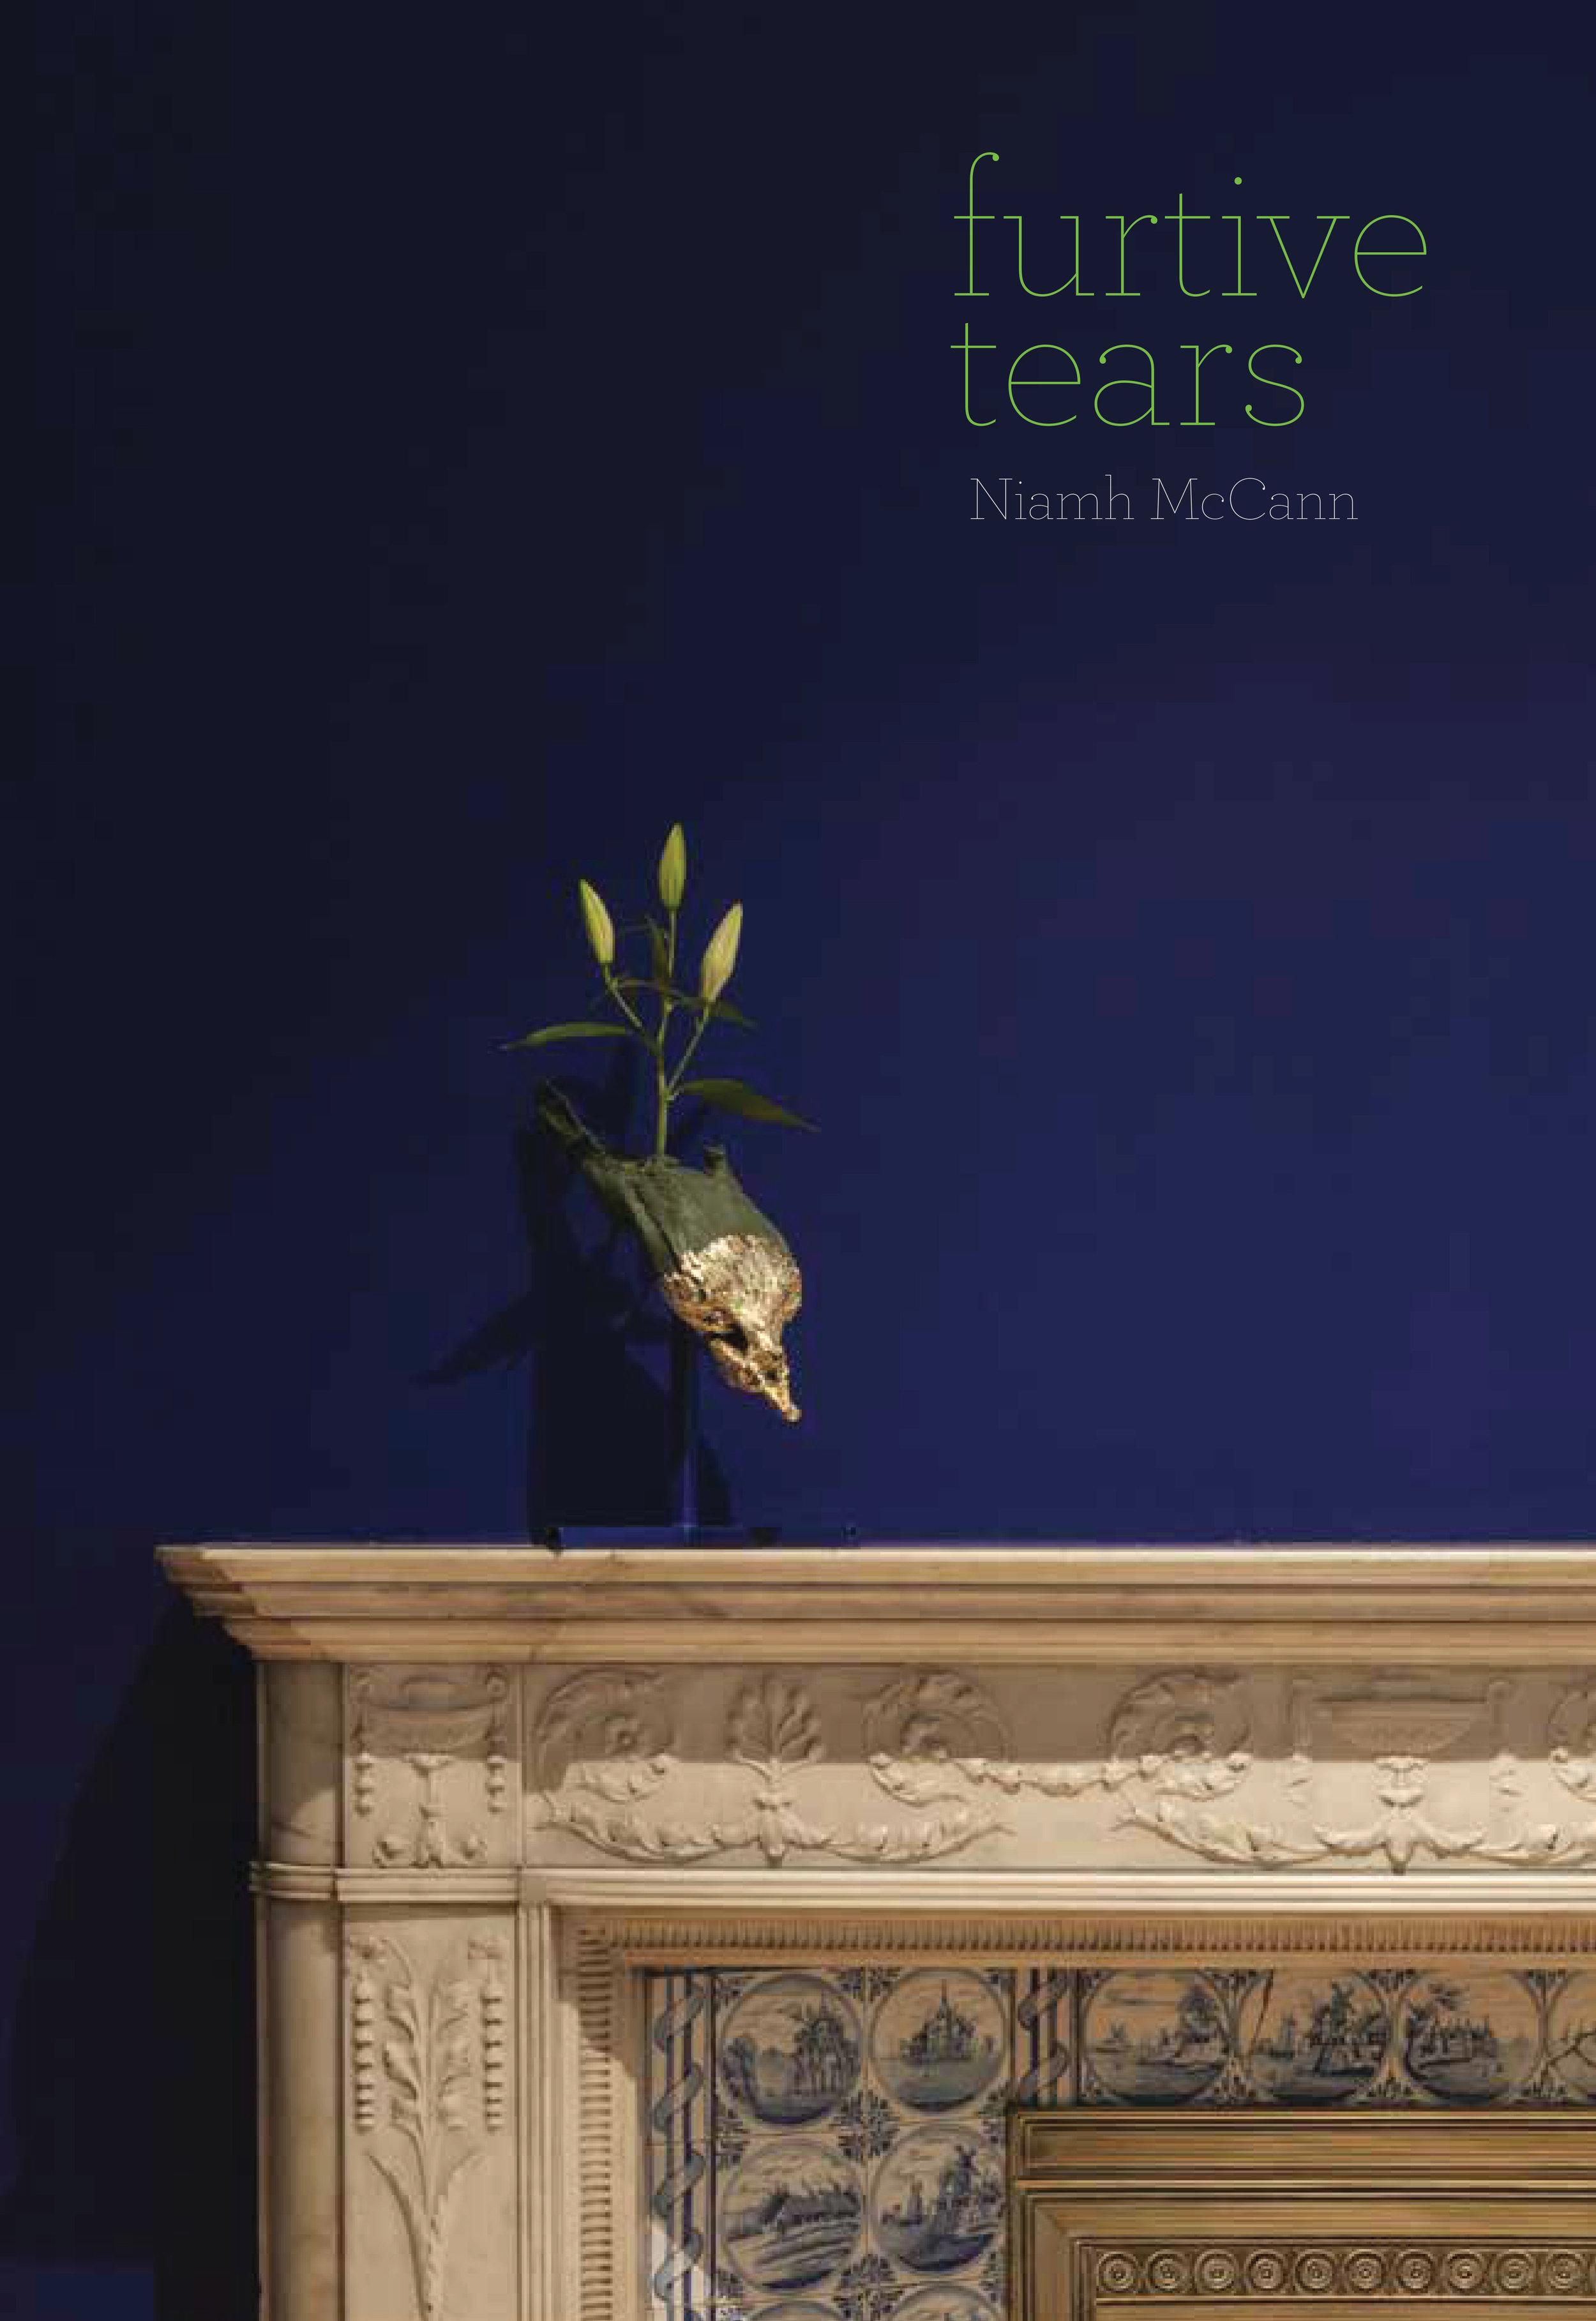 Niamh McCann  Furtive Tears, published by Dublin City Gallery The Hugh Lane, Dublin 2018